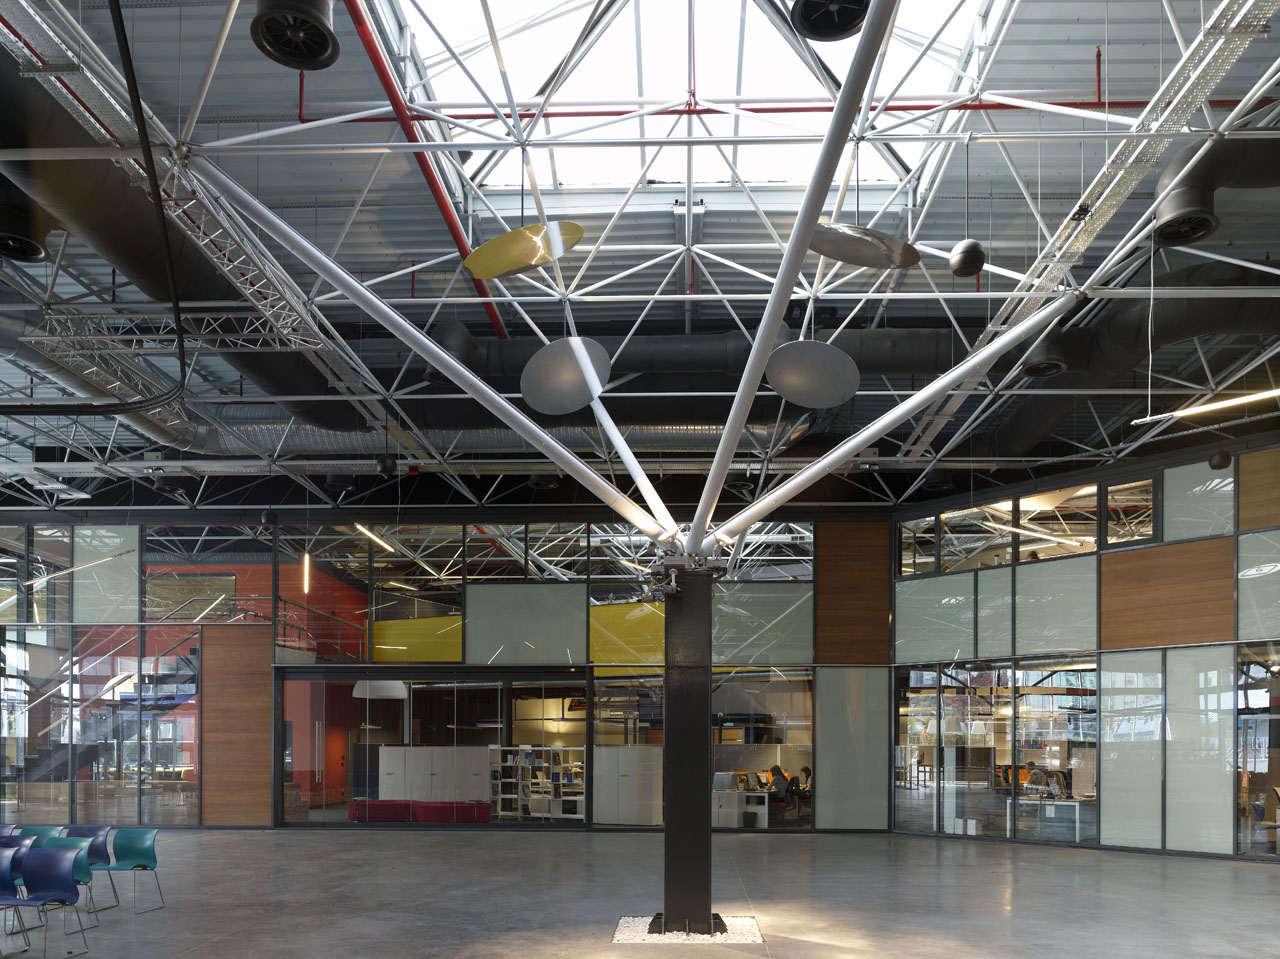 Building Information Center / Erginoğlu & Çalışlar Architects, © Cemal Emden